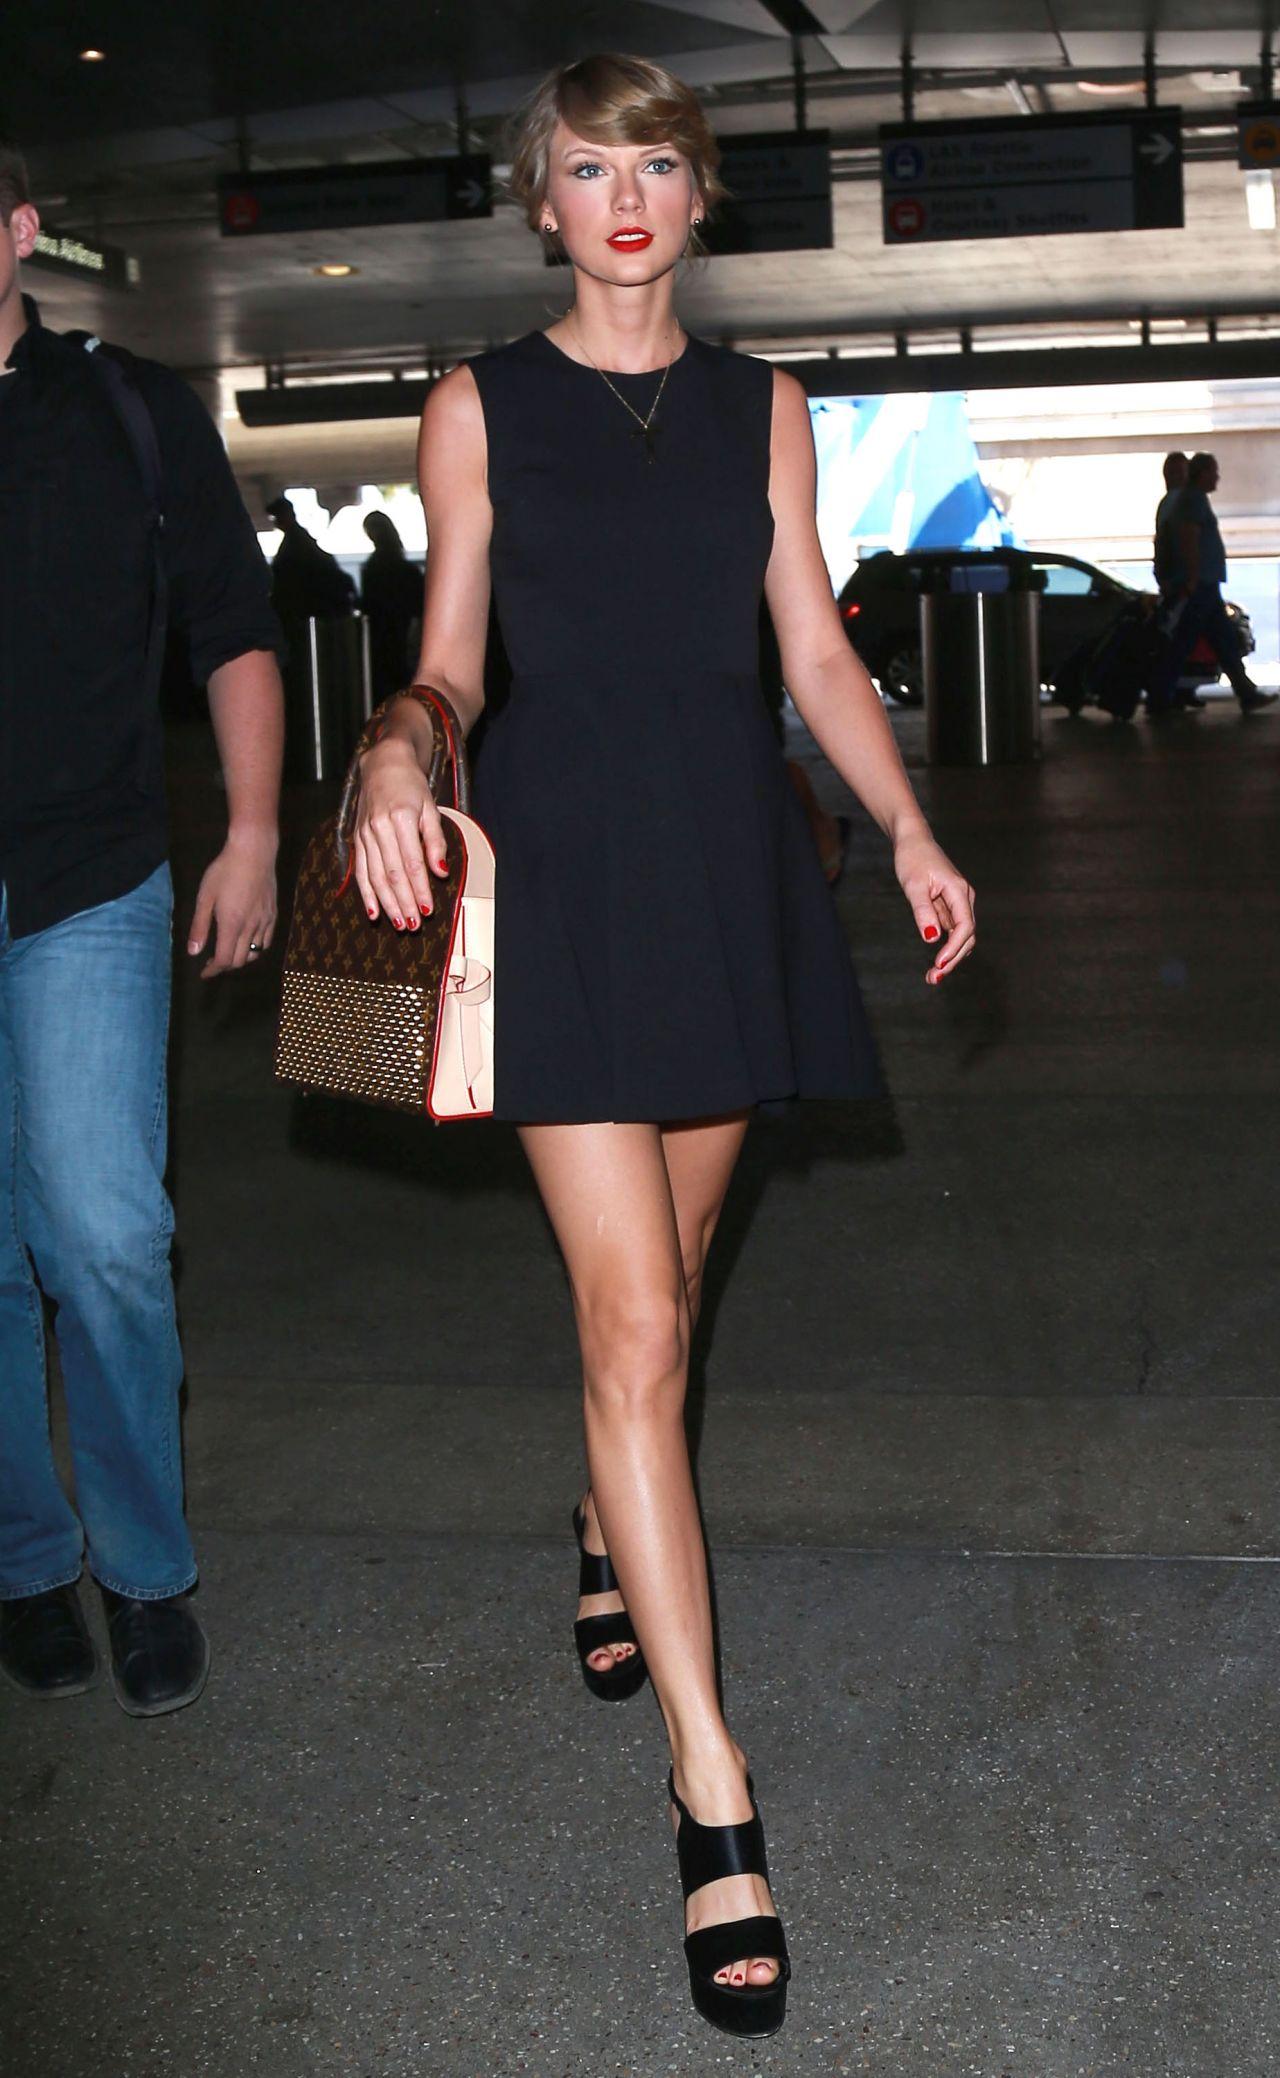 Taylor Swift in Black Mini Dress - LAX Airport, May 2015